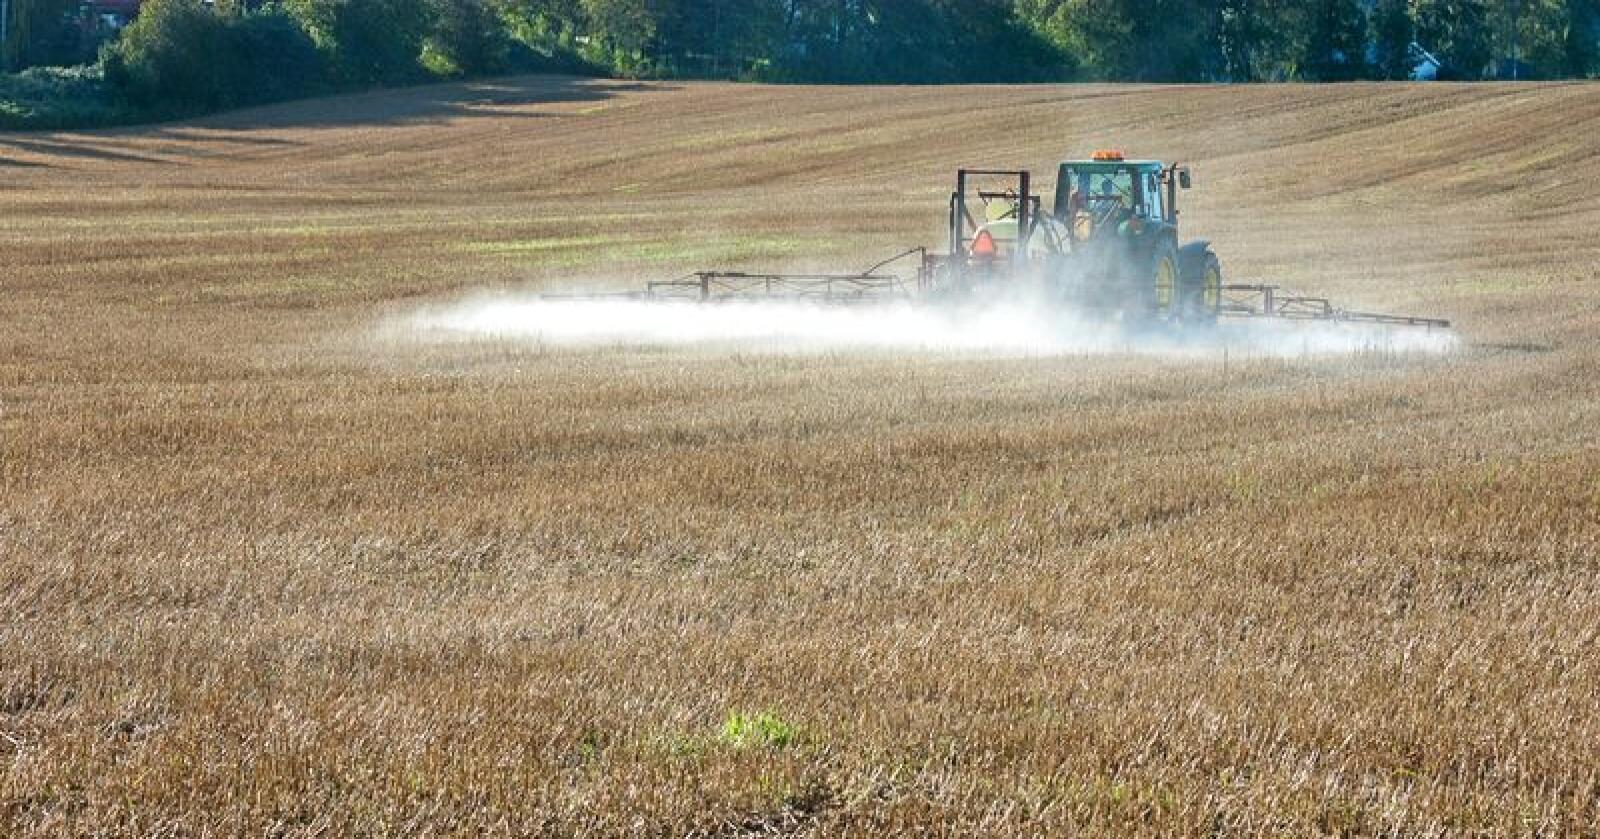 Bruken av plantevernmidler er et mye diskutert tema. I en ny undersøkelse viser det seg at holdningsskapende arbeid og kunnskap hos bønder kan være viktigere for å redusere miljøutslippene enn å for eksempel doble prisen på plantevernmidler. Foto: Erling Fløistad/Nibio